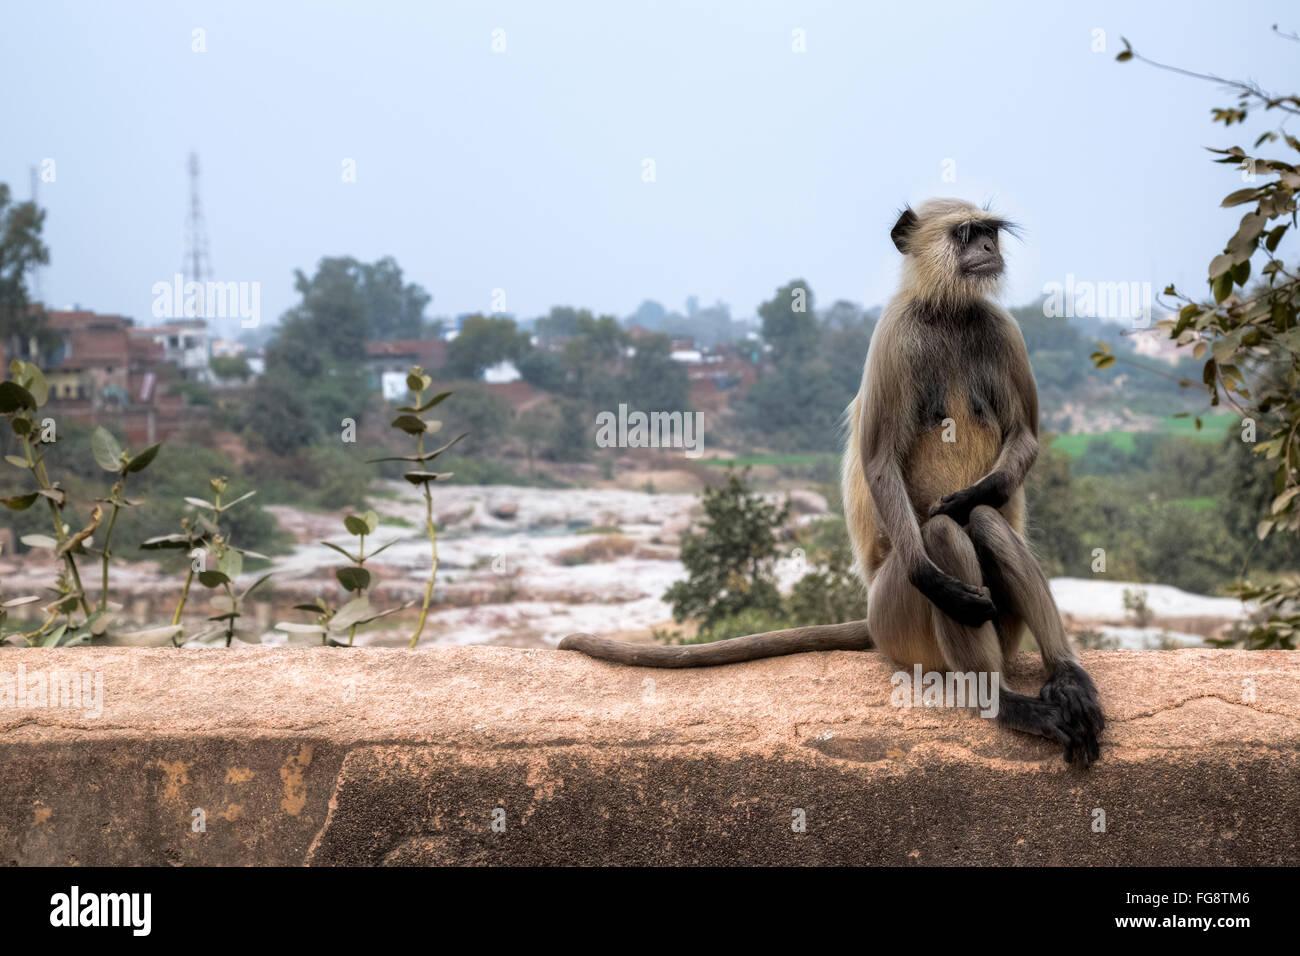 wilde Languren-Affen in Orchha, Madhya Pradesh, Indien, Südasien Stockbild